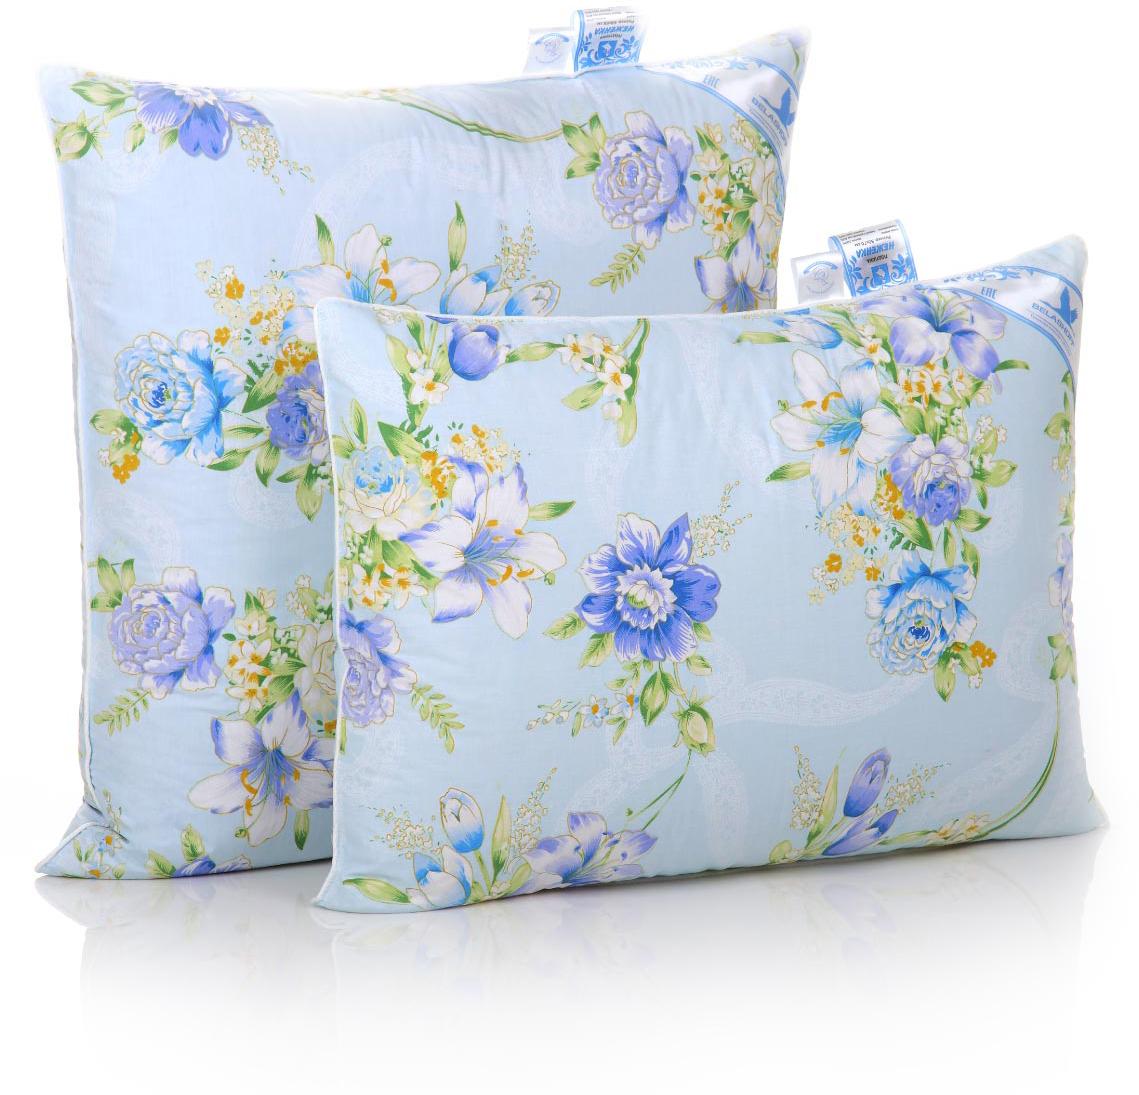 """Перо-пуховая подушка """"Неженка"""" подарит удивительно нежное домашнее тепло Вам и Вашим близким, обеспечив комфортную поддержку головы и шеи во время сна. Уважаемые клиенты! Обращаем ваше внимание на цветовой ассортимент товара. Поставка осуществляется в зависимости от наличия на складе."""